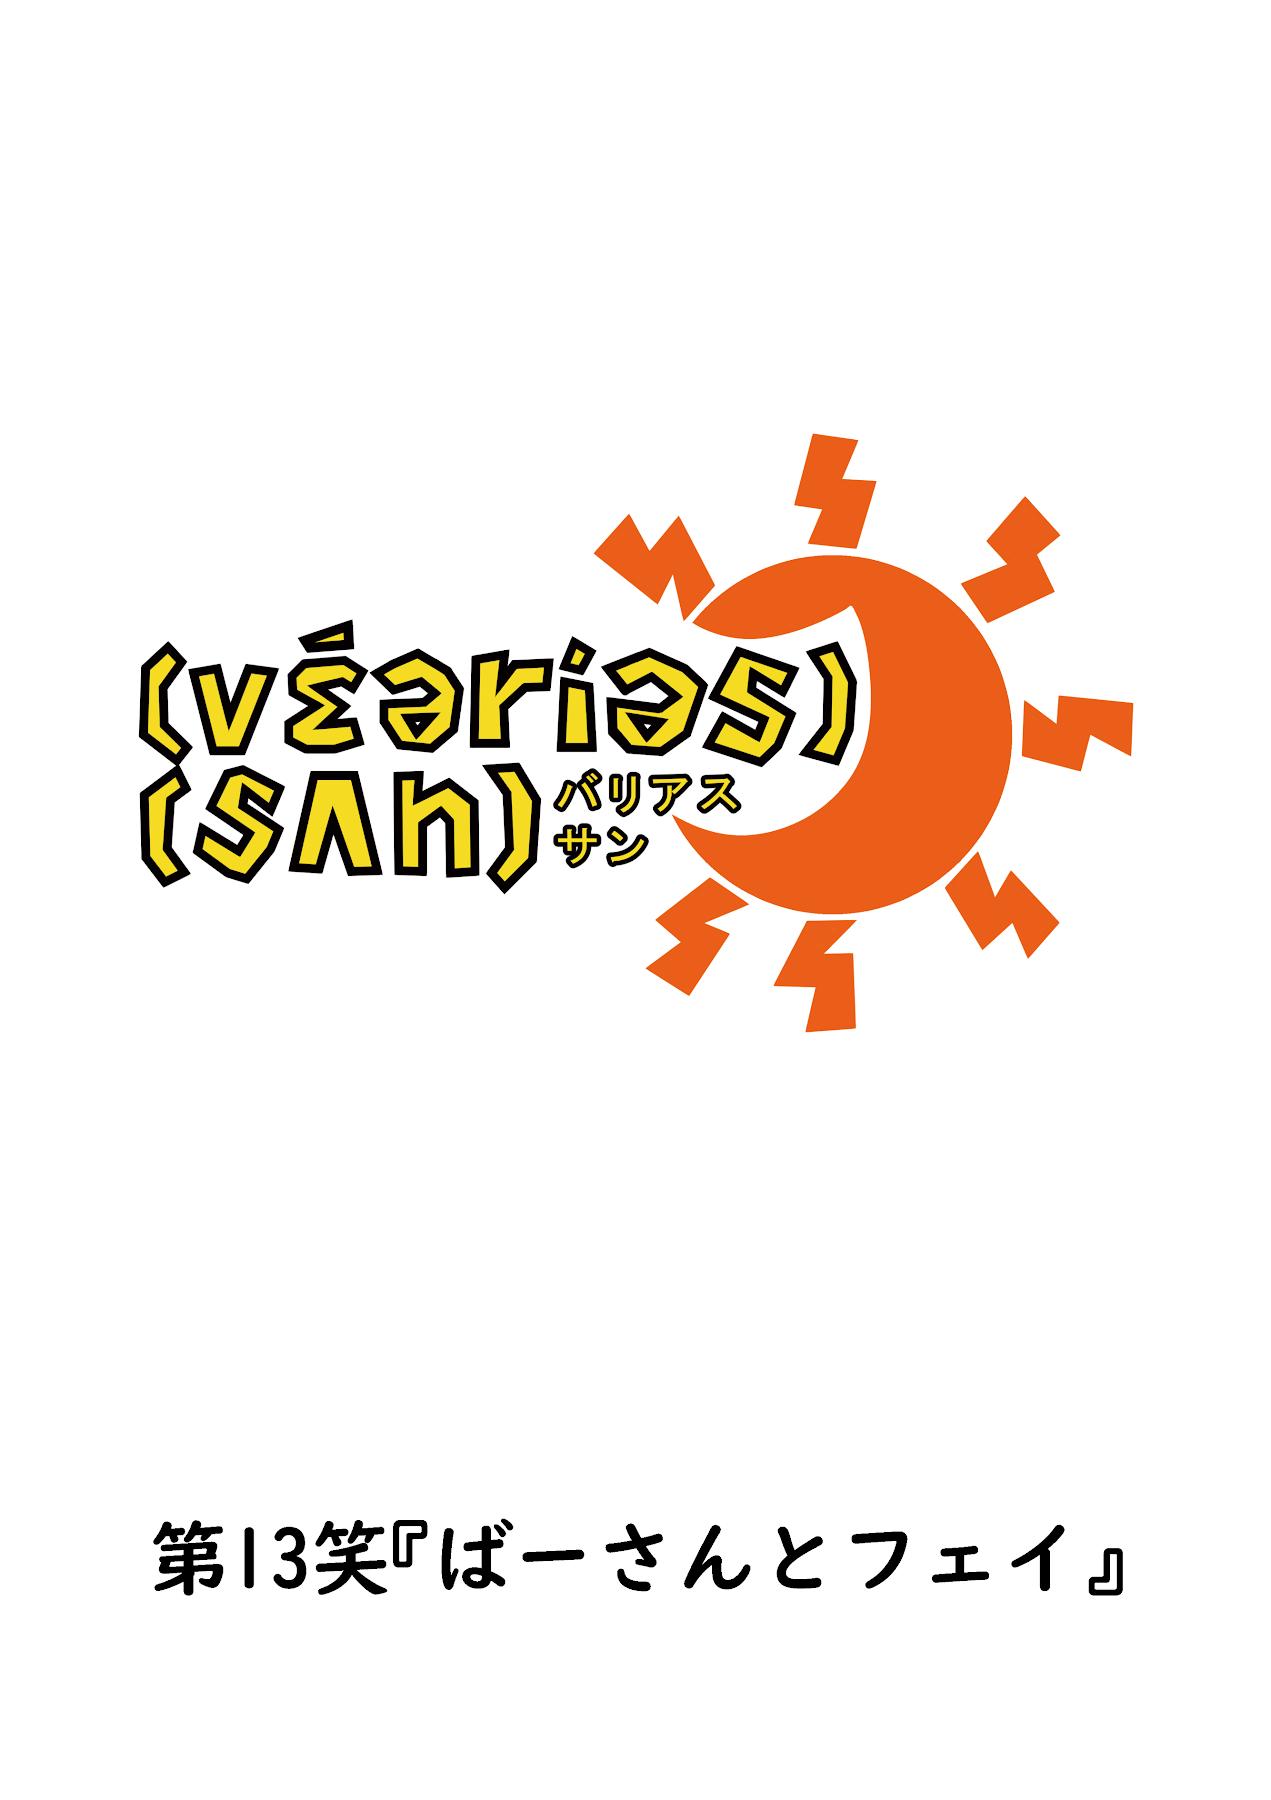 バリアス・サン13_1